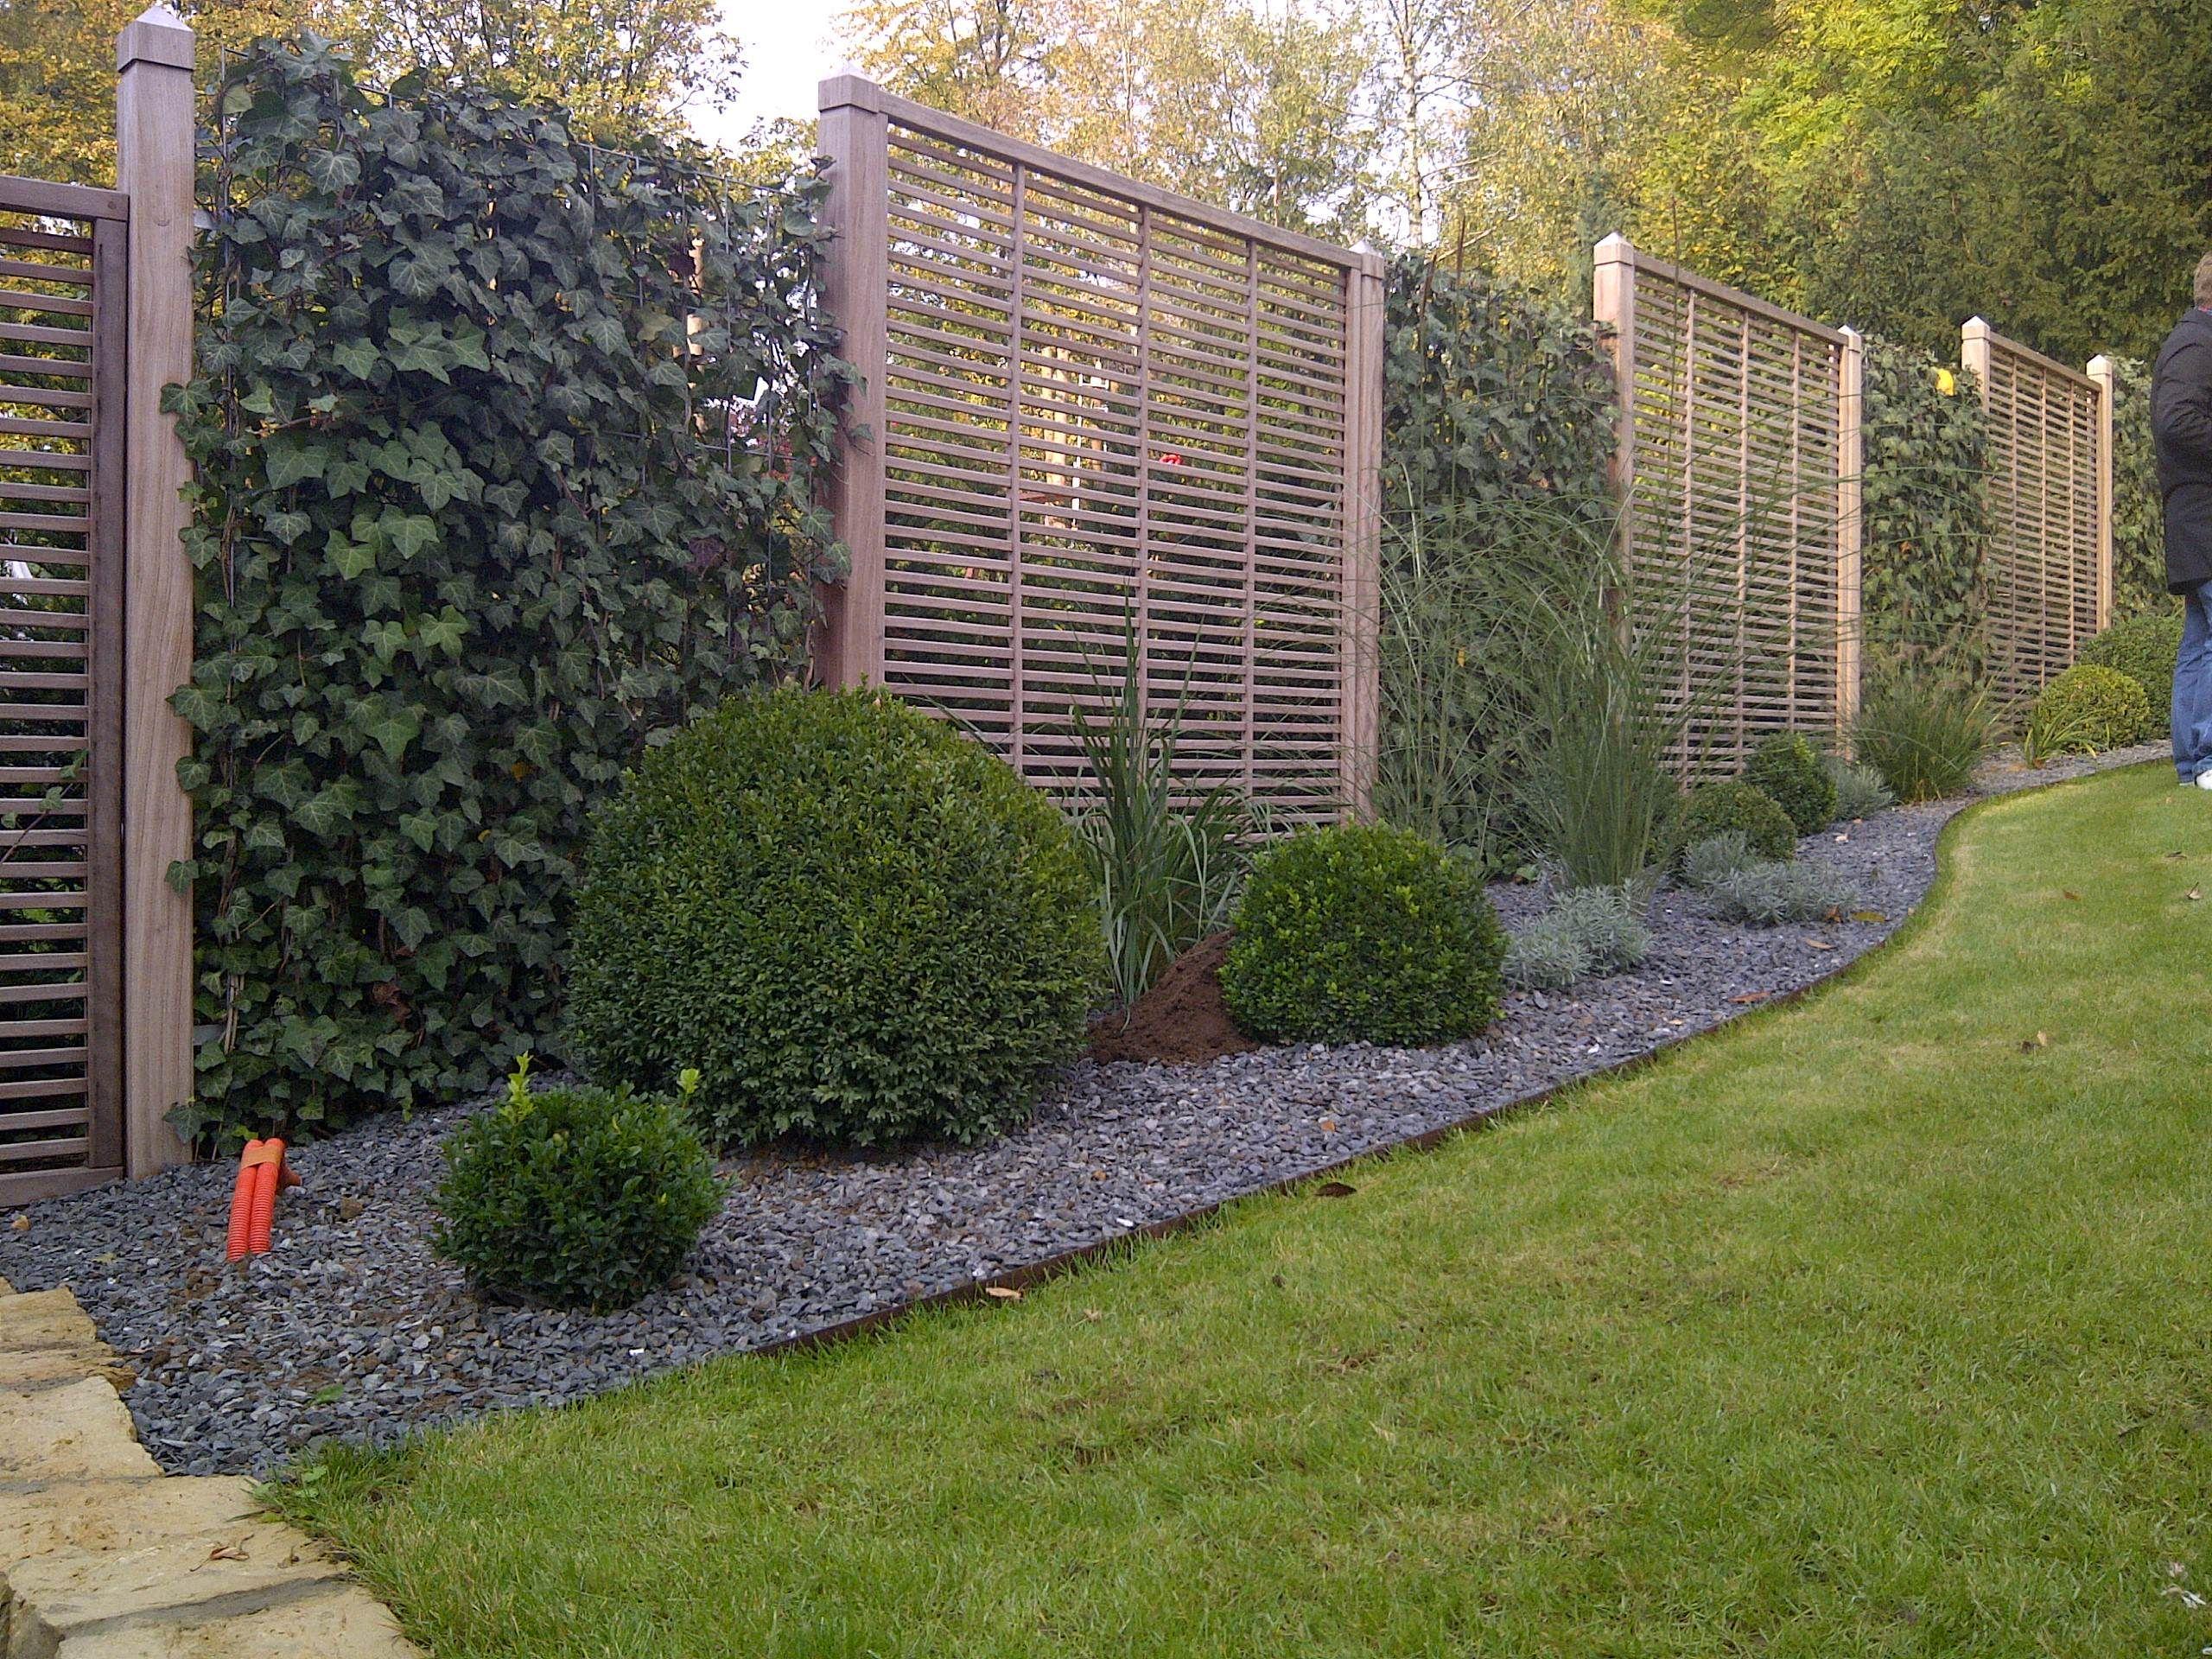 Vom Sichtschutz aus Cortenstahl bis hin zu Gartenhäusern ✓ Bestes Designs ✓ Top Qualität ✓ Bequem schnell sicher